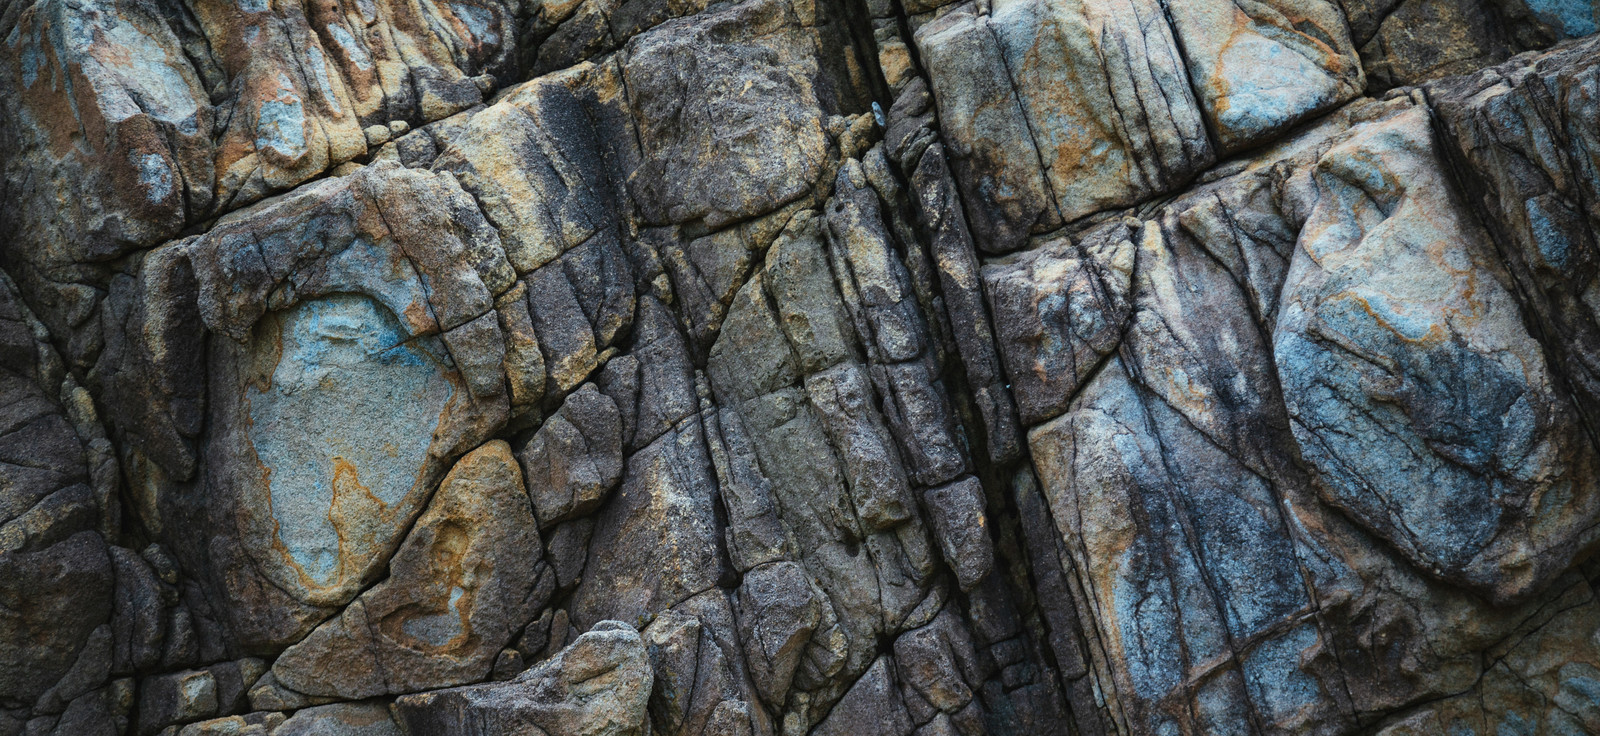 「岩の亀裂(テクスチャ)」の写真